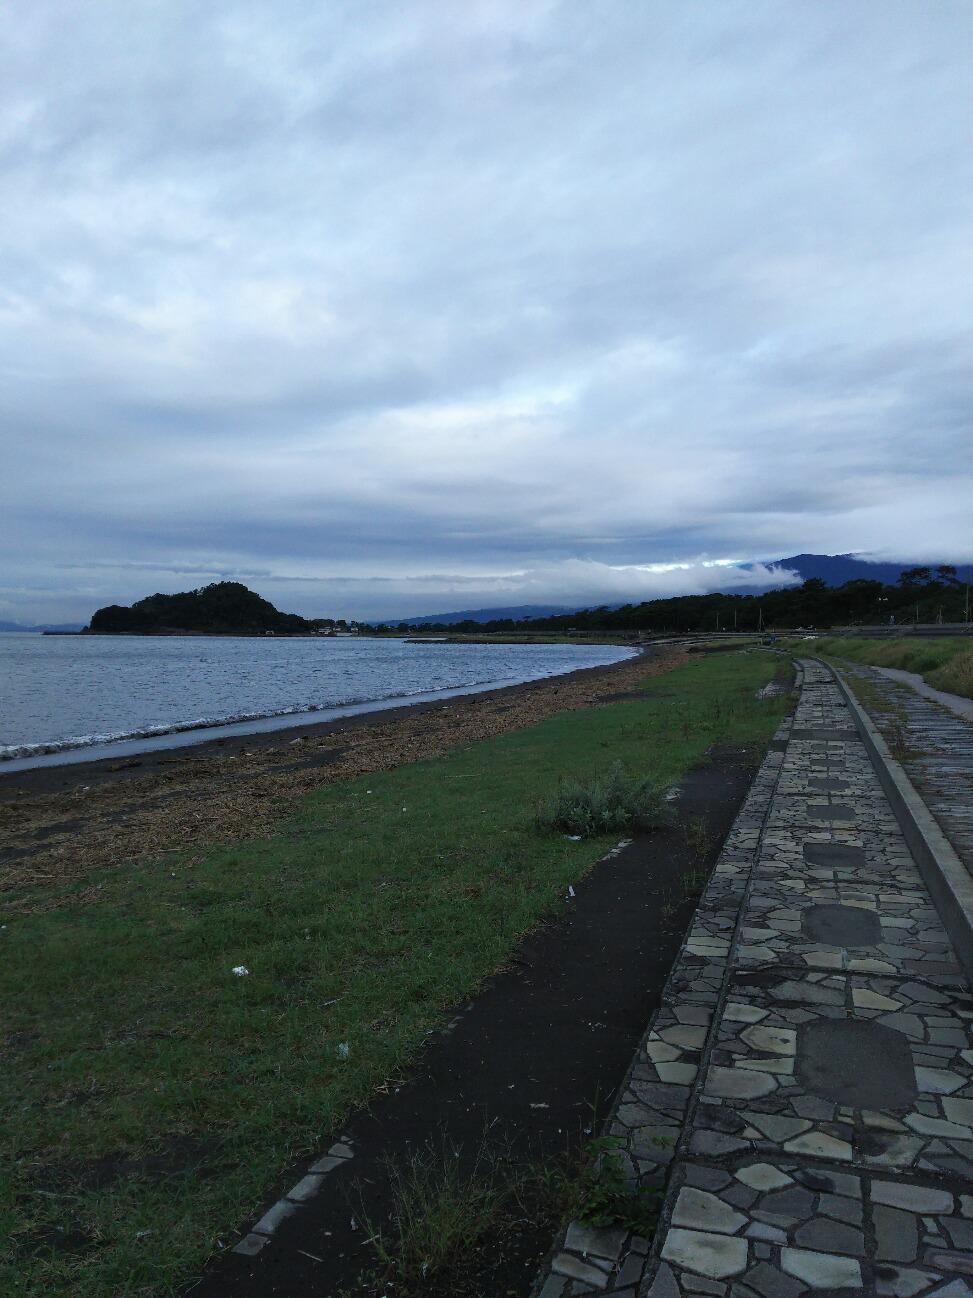 20160921_台風翌日の海岸